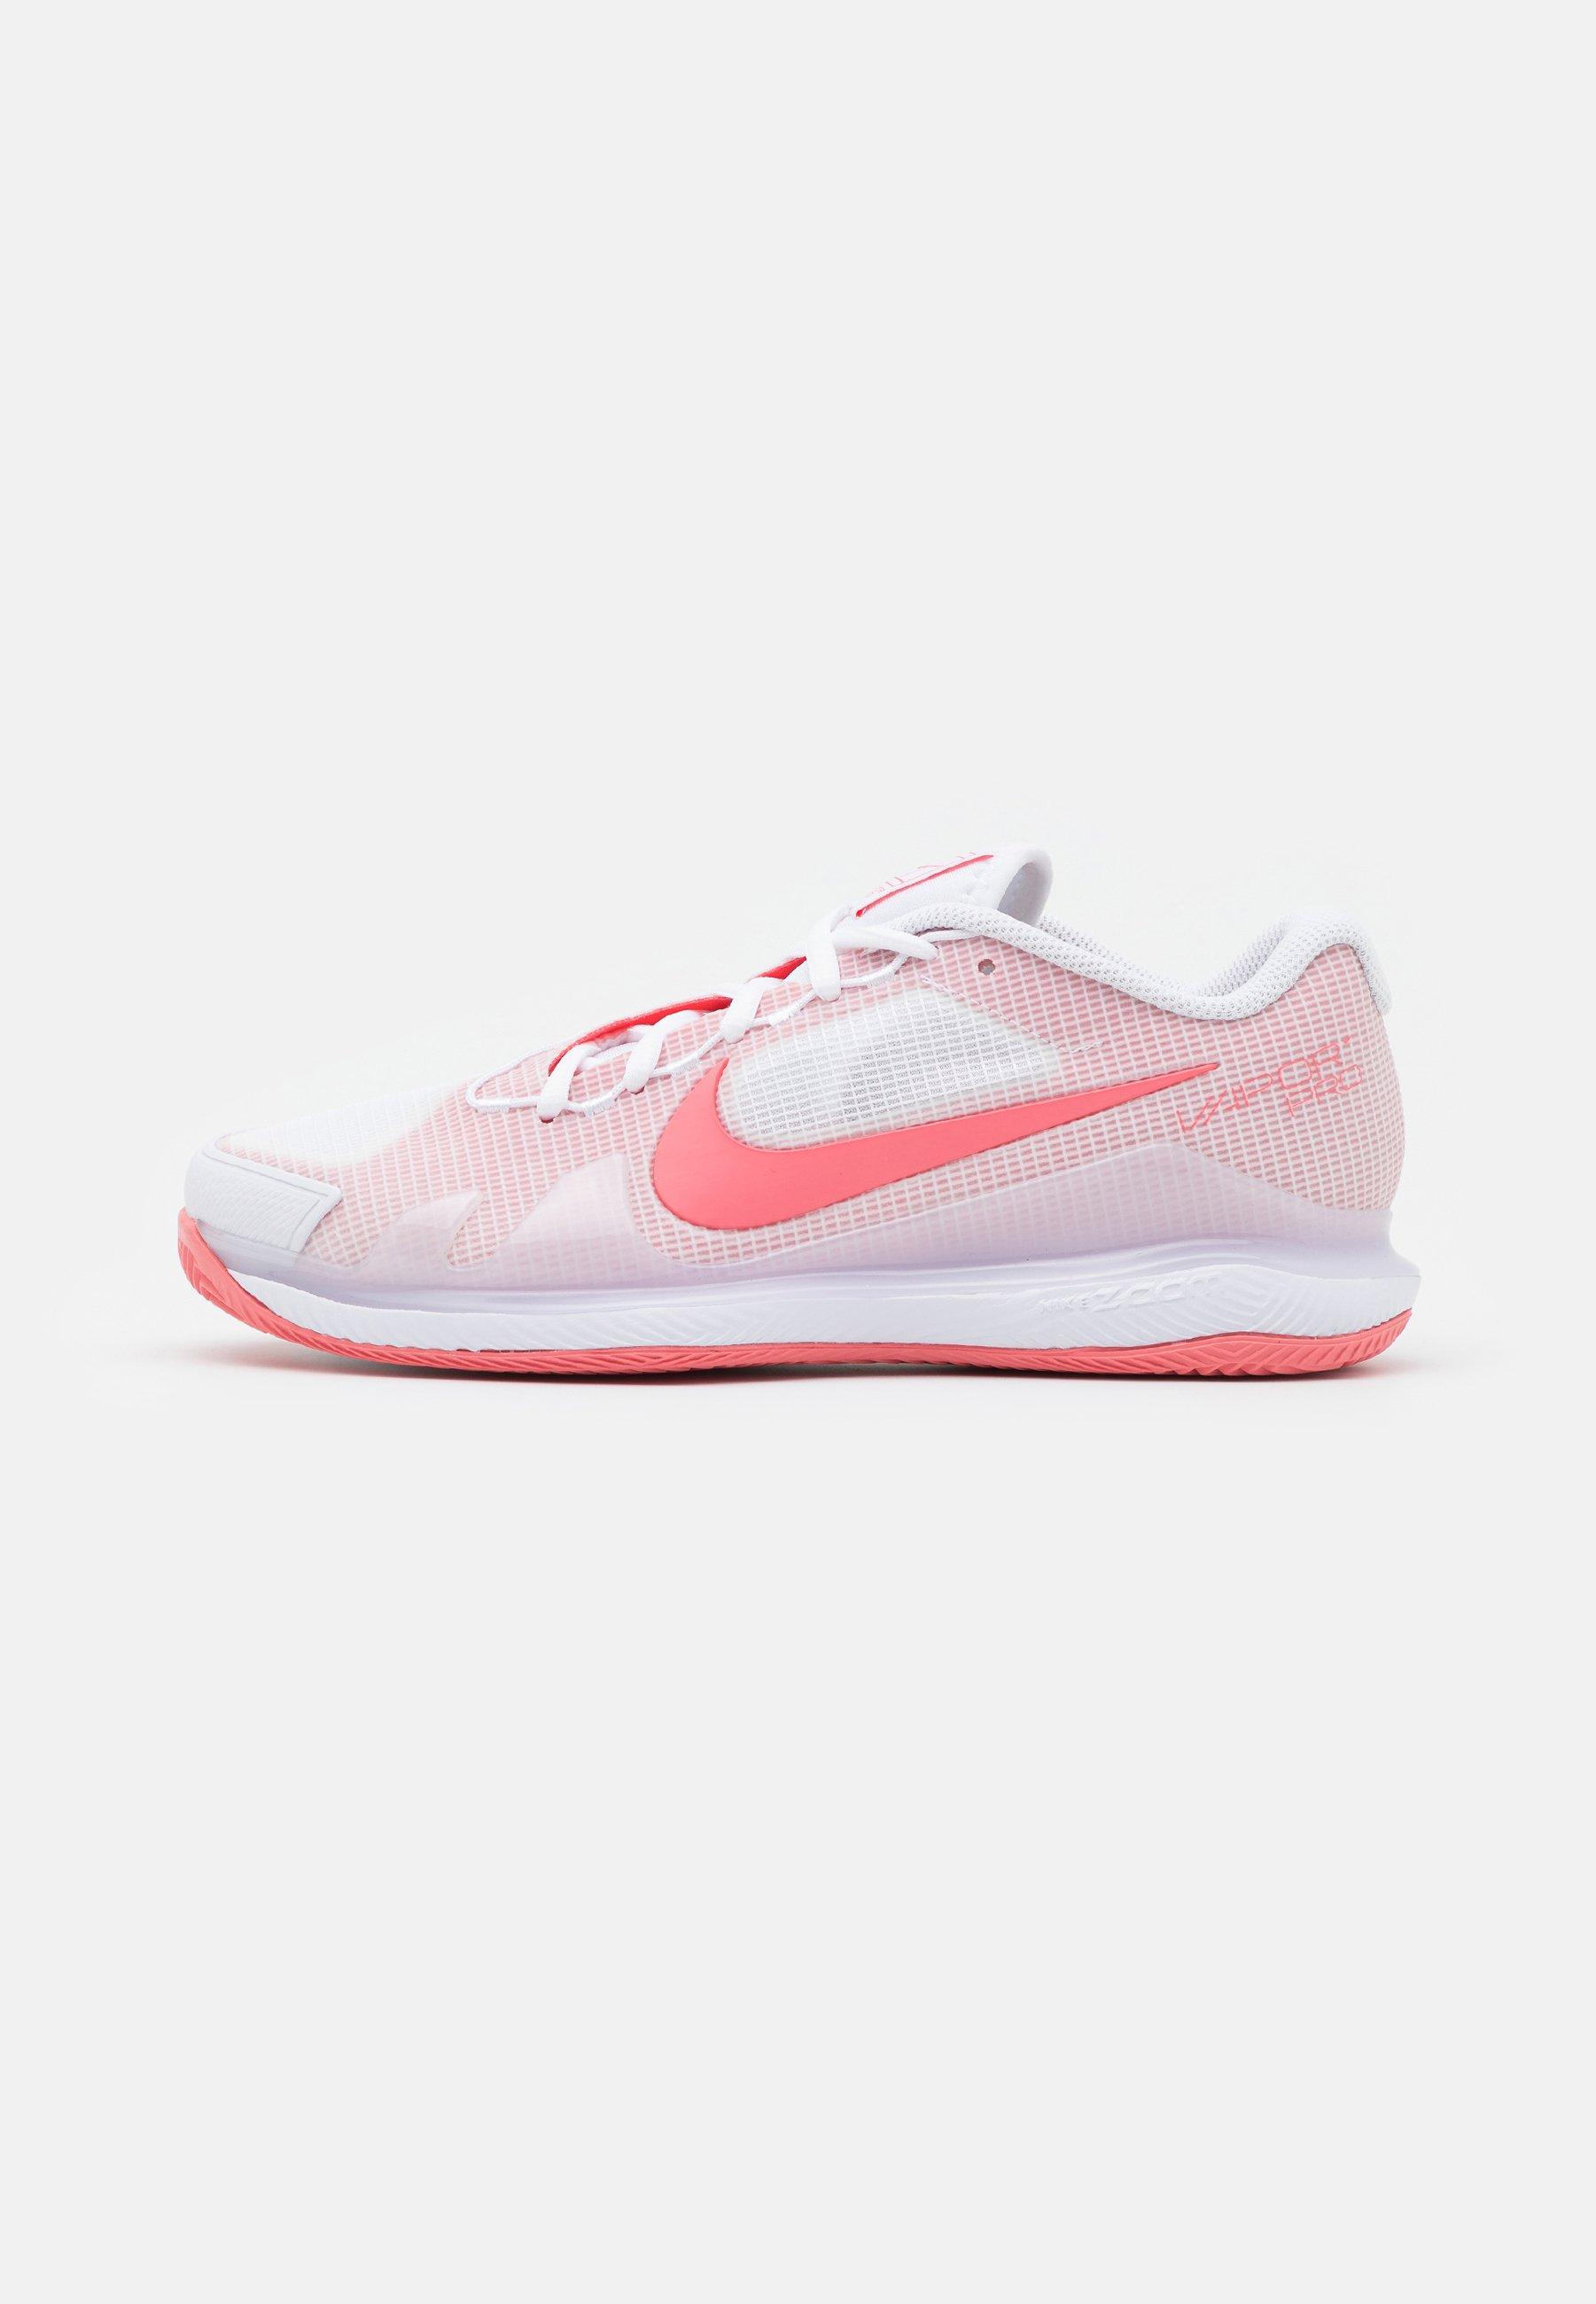 Femme COURT AIR ZOOM VAPOR PRO - Chaussures de tennis toutes surfaces